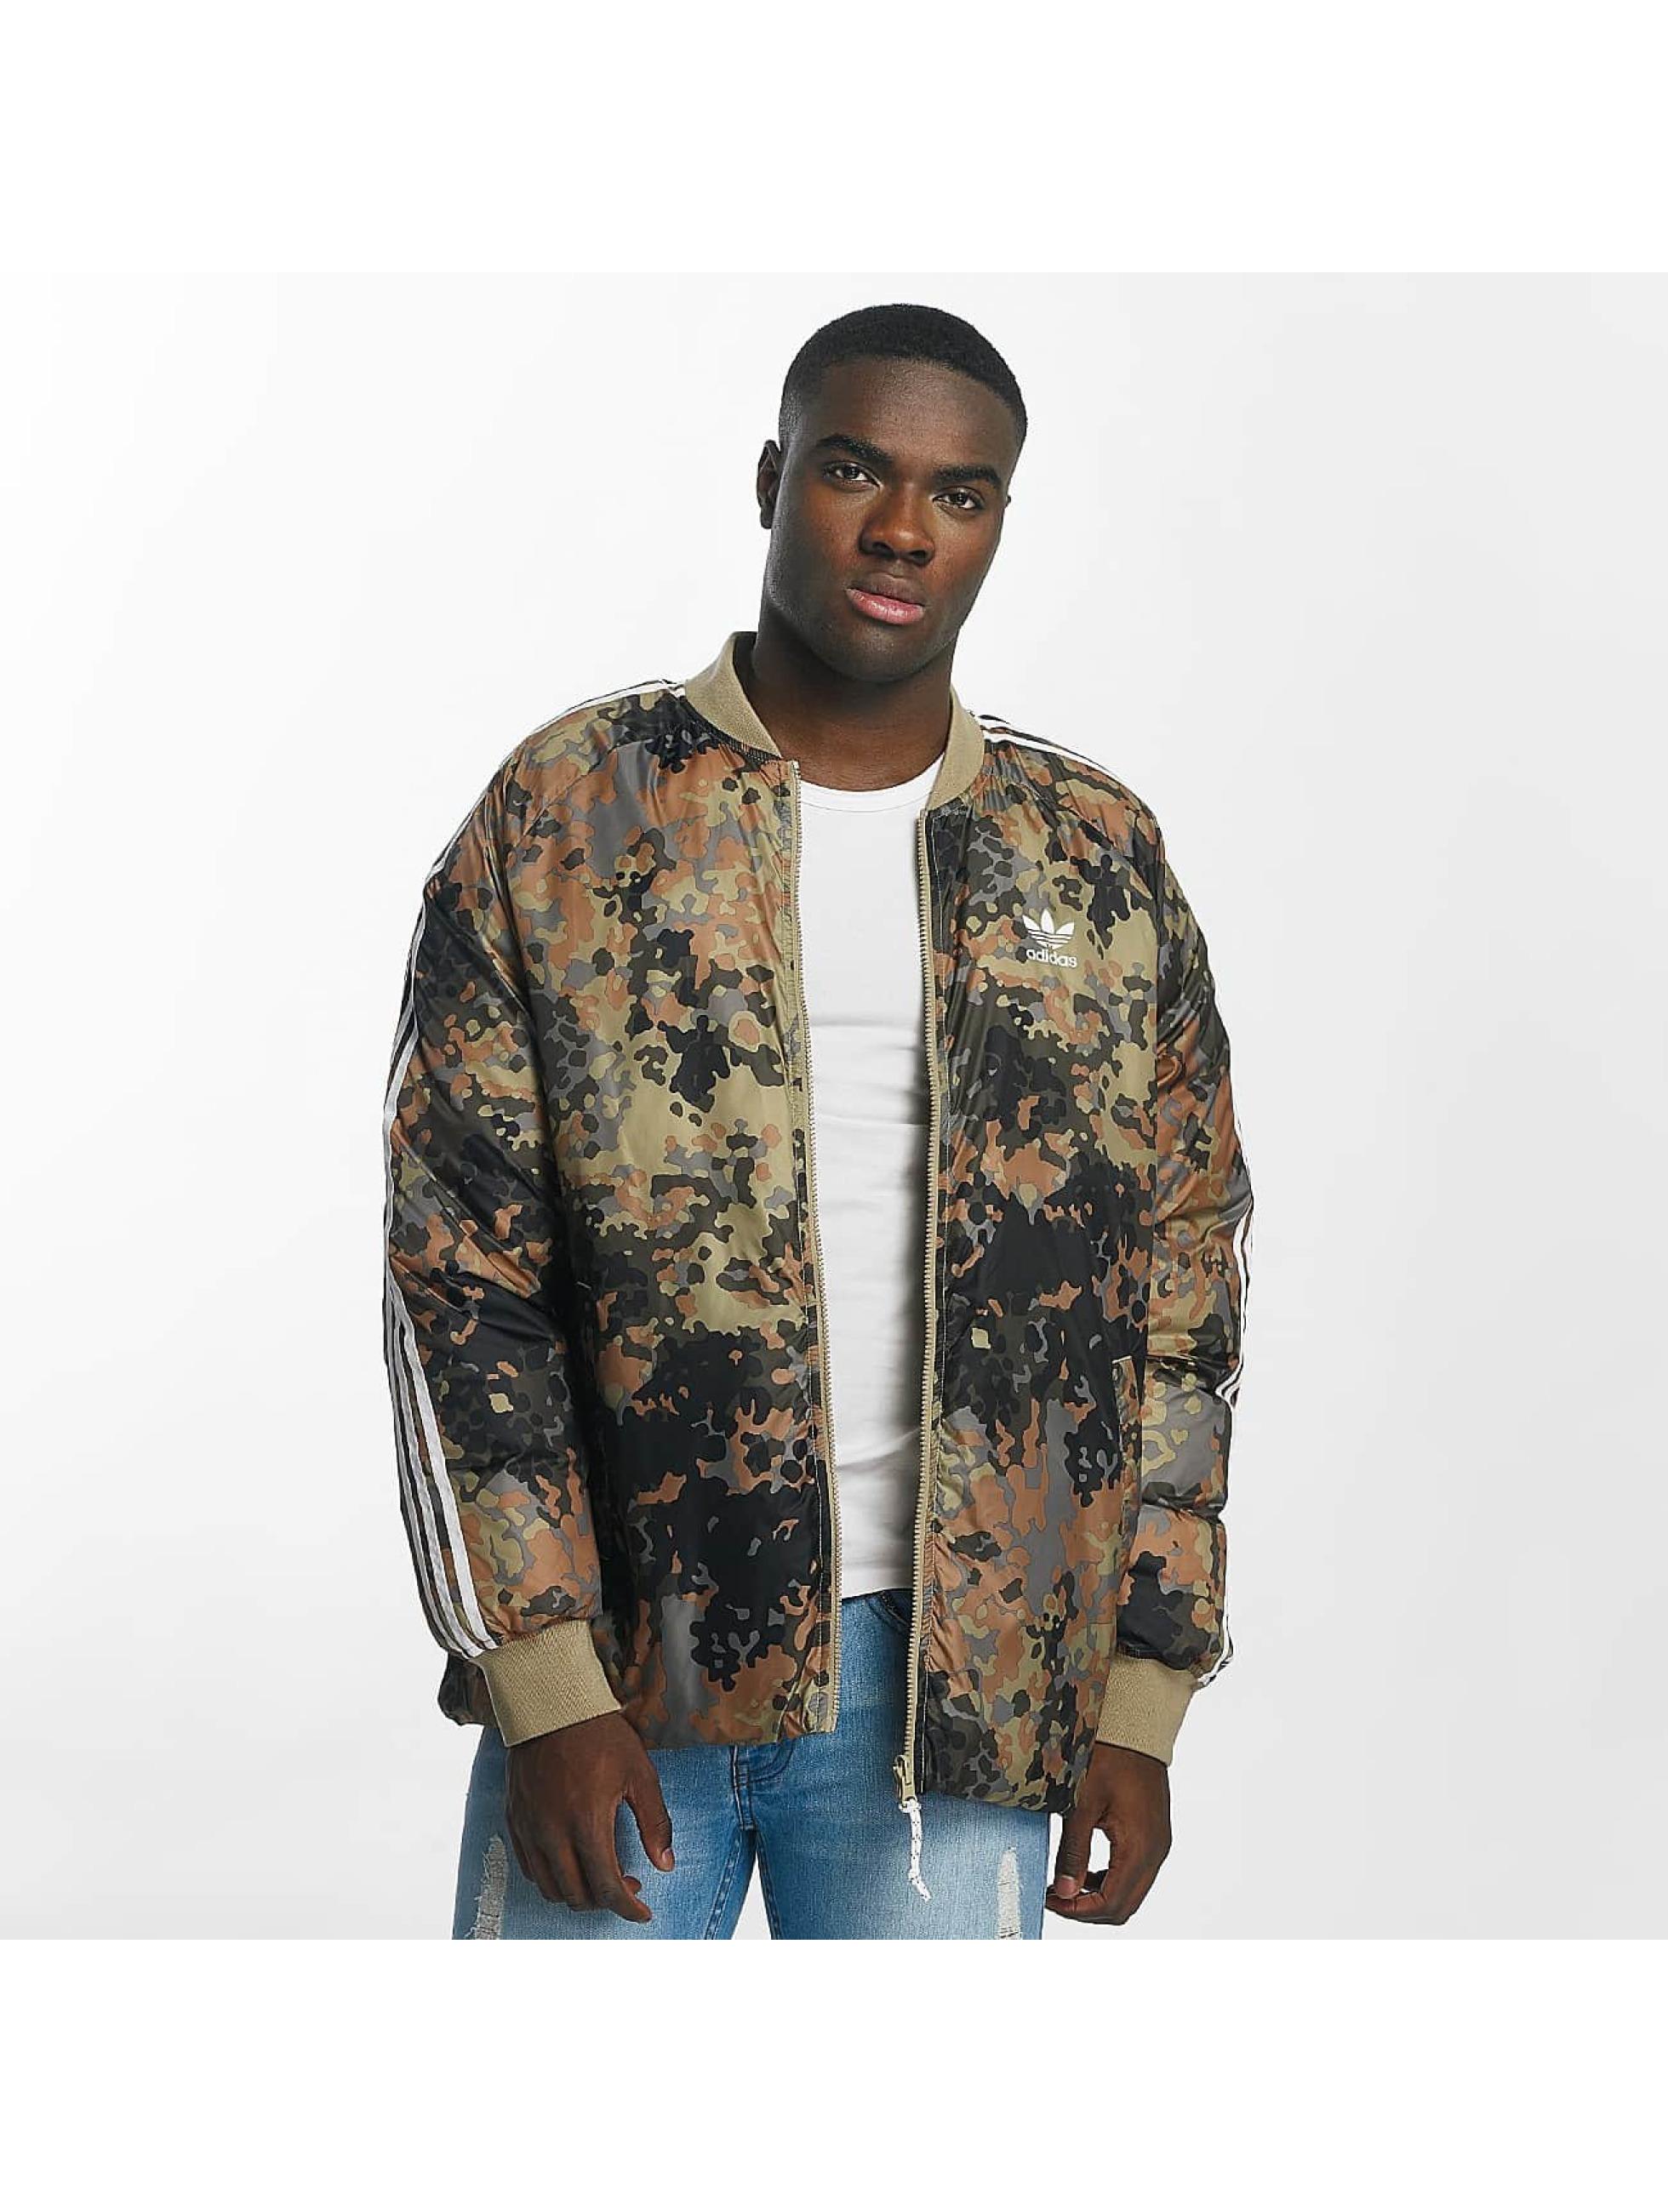 adidas sst winter camouflage homme manteau hiver adidas acheter pas cher manteau veste 369406. Black Bedroom Furniture Sets. Home Design Ideas